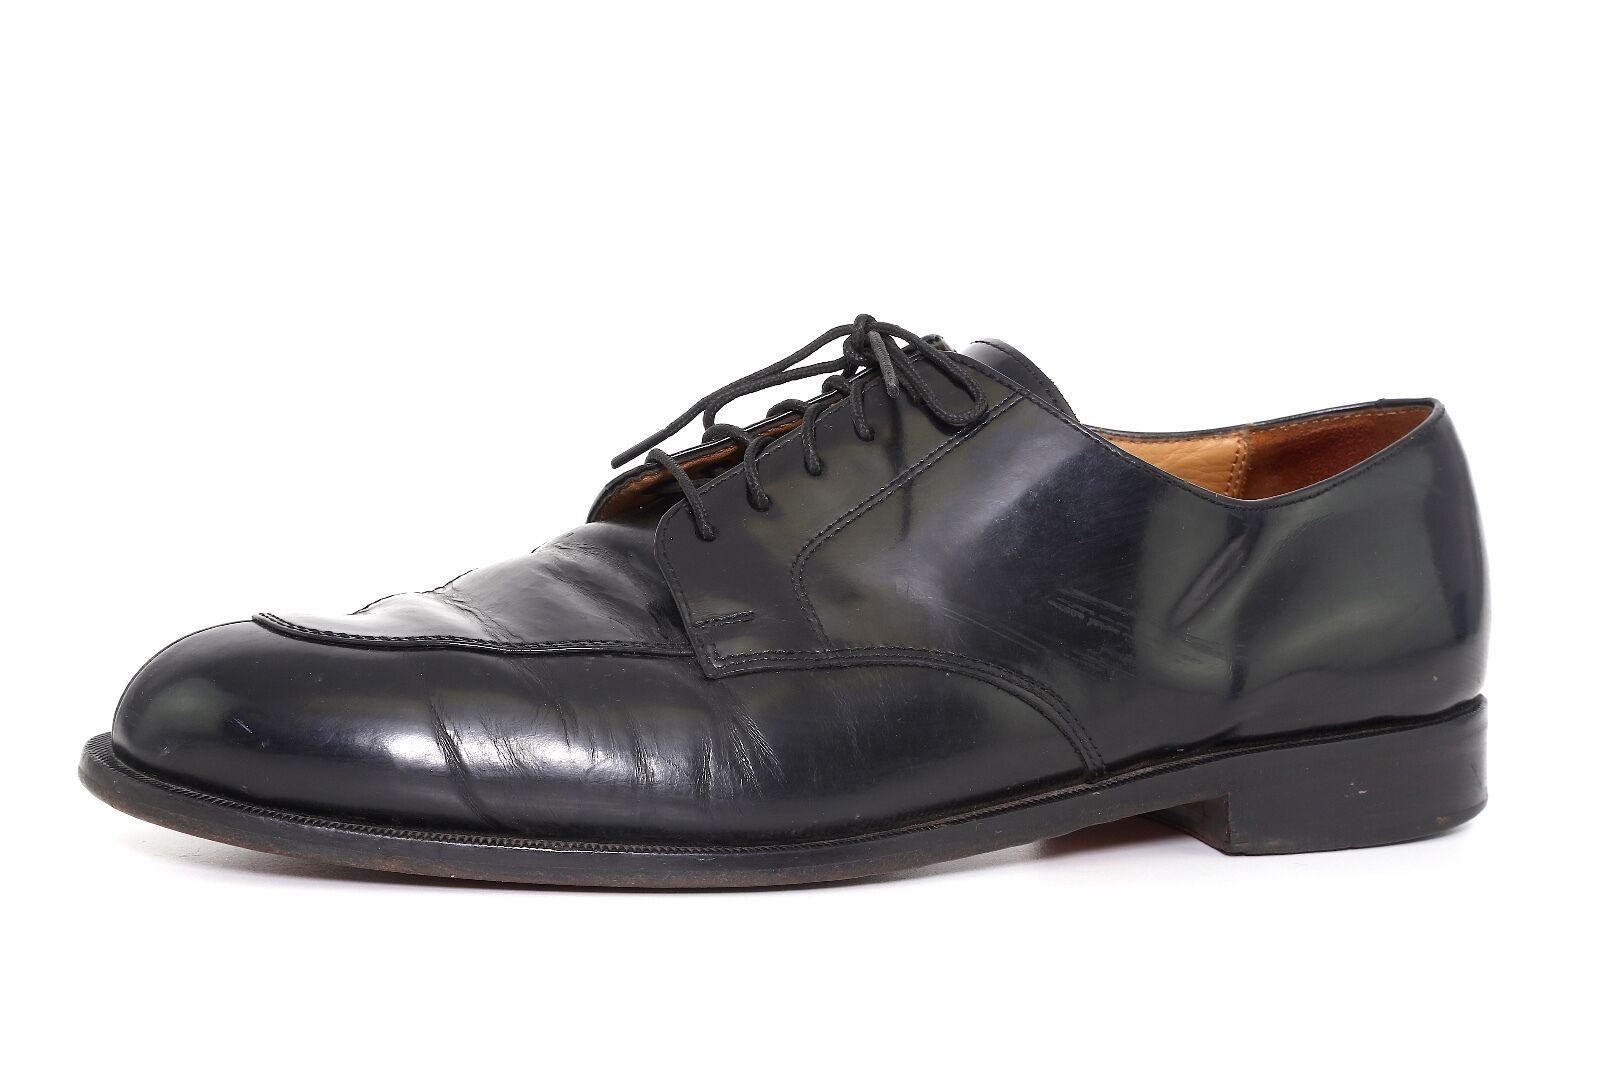 la migliore offerta del negozio online Cole Cole Cole Haan Uomo nero Leather Split Toe Oxfords 7629 Sz 10 EEE  negozi al dettaglio